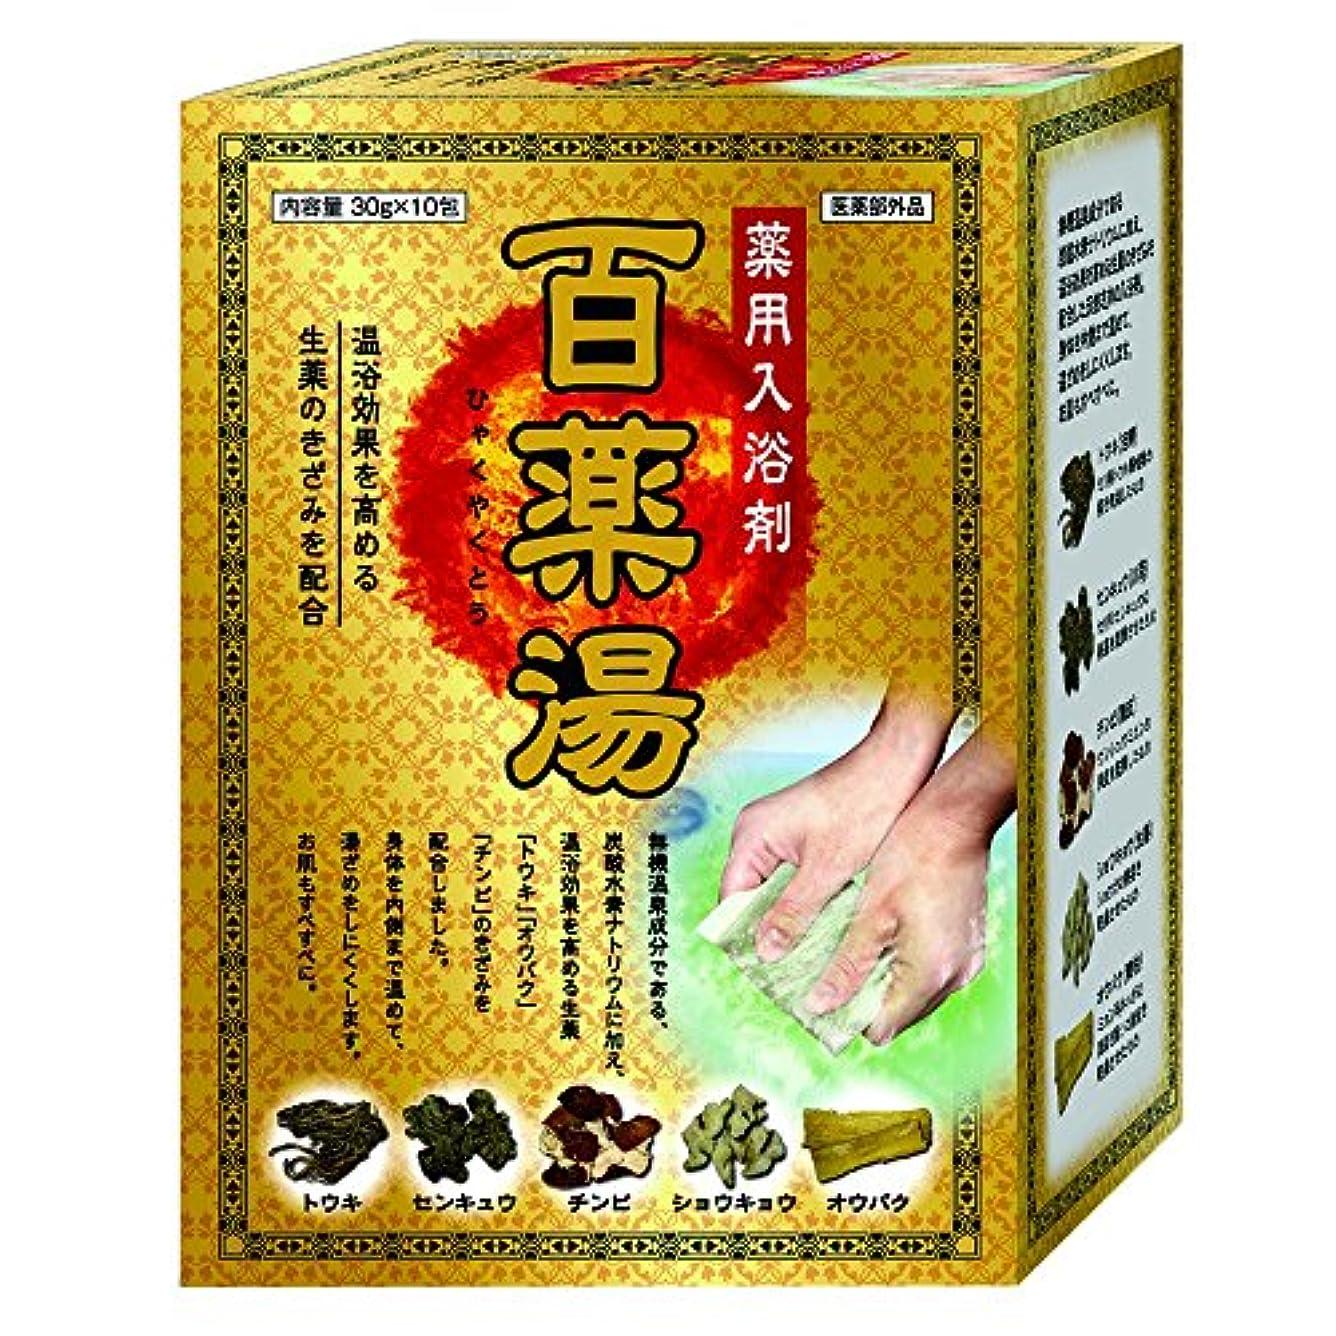 誇張するセージラフ睡眠百薬湯 薬用入浴剤 温浴効果を高める生薬のきざみを配合 30g×10包 (医薬部外品)